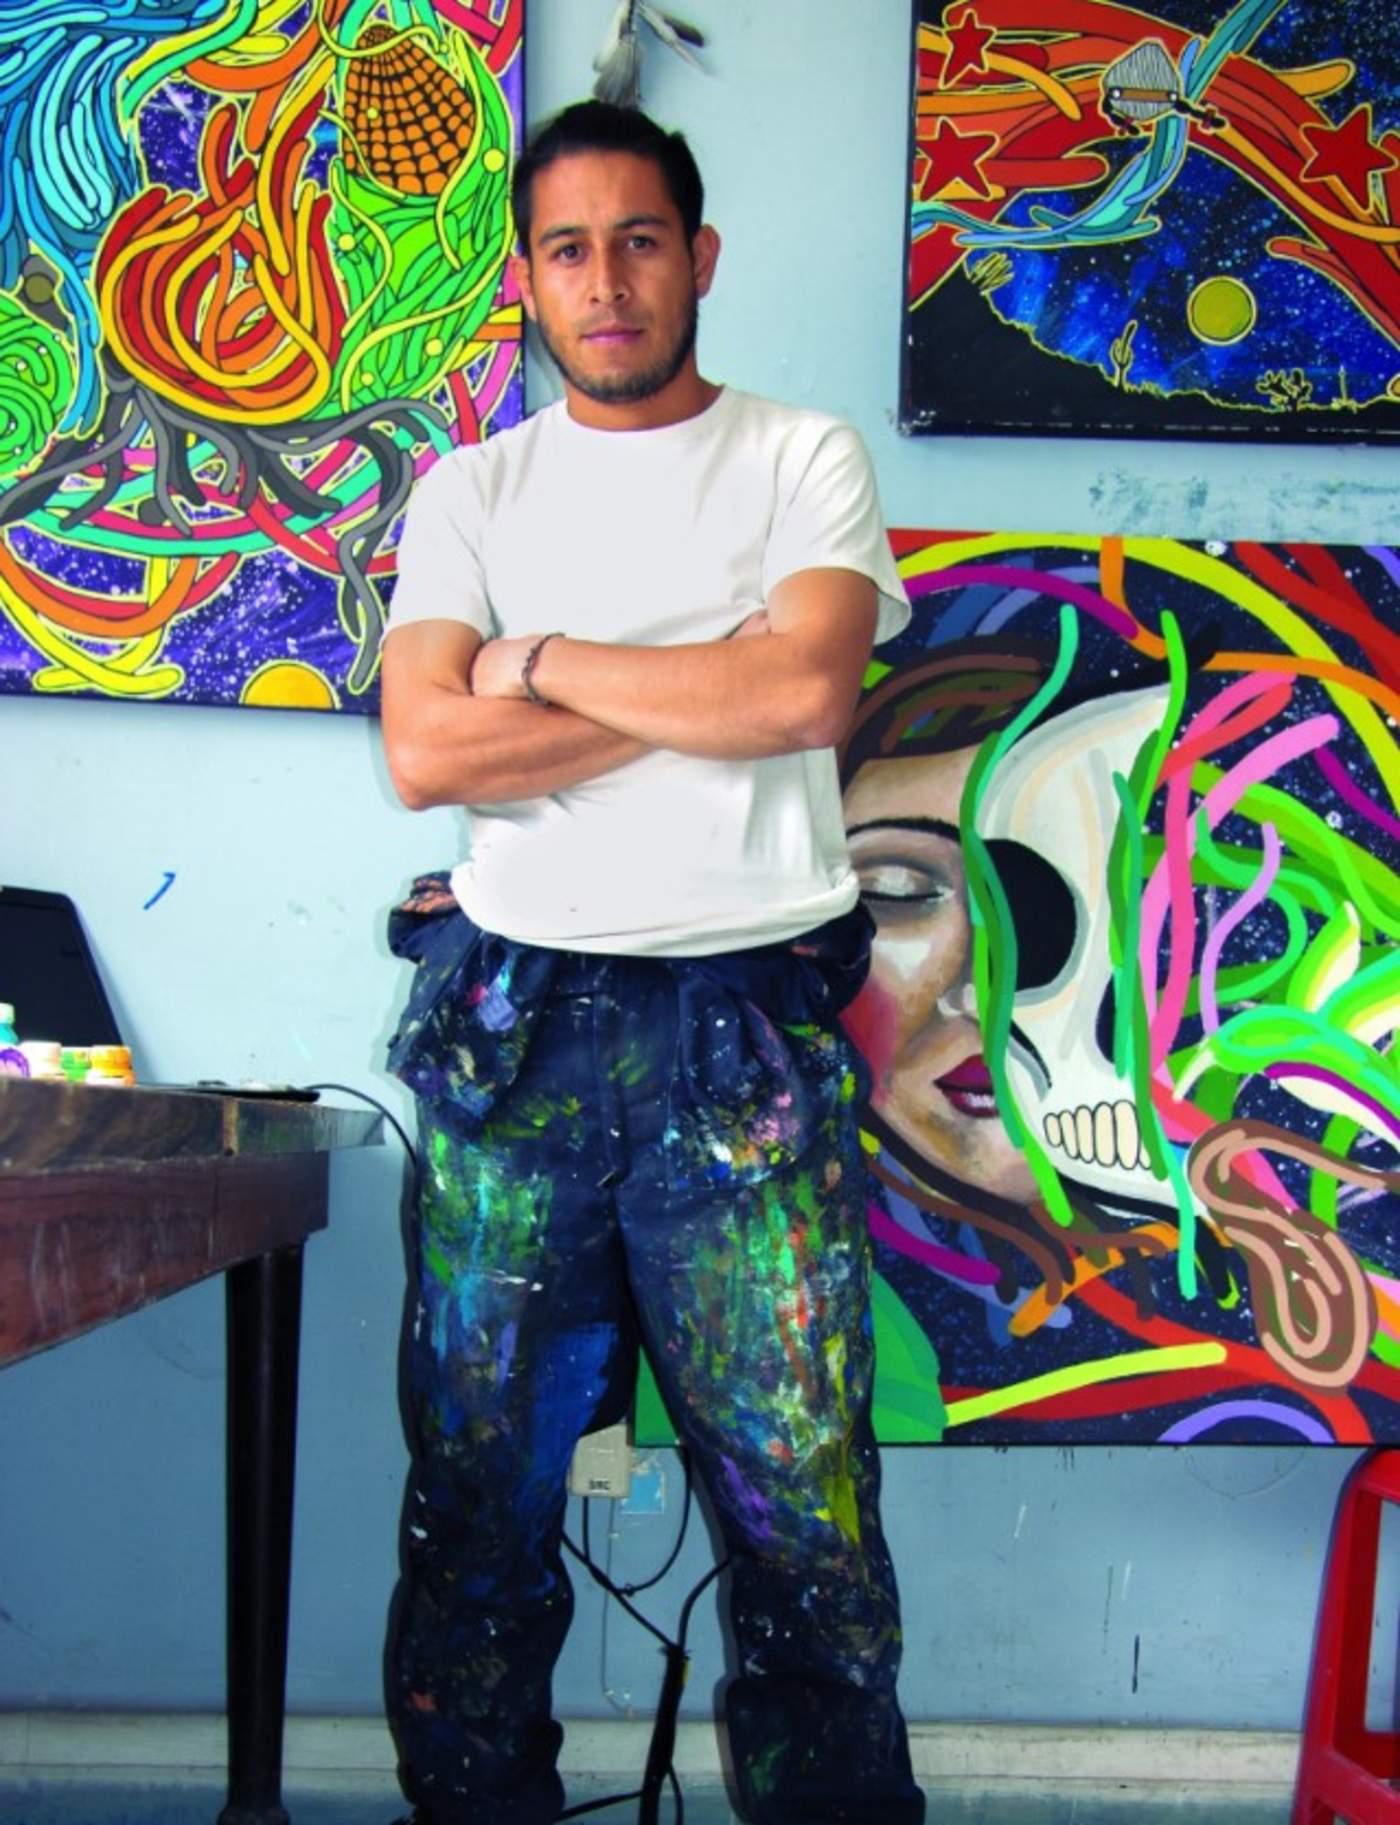 Carácter. Las obras de Paulo Galván están llenas de color y formas que invitan a la reflexión de diversas circunstancias de la vida. (EL SIGLO DE TORREÓN/ Carlos Campos)